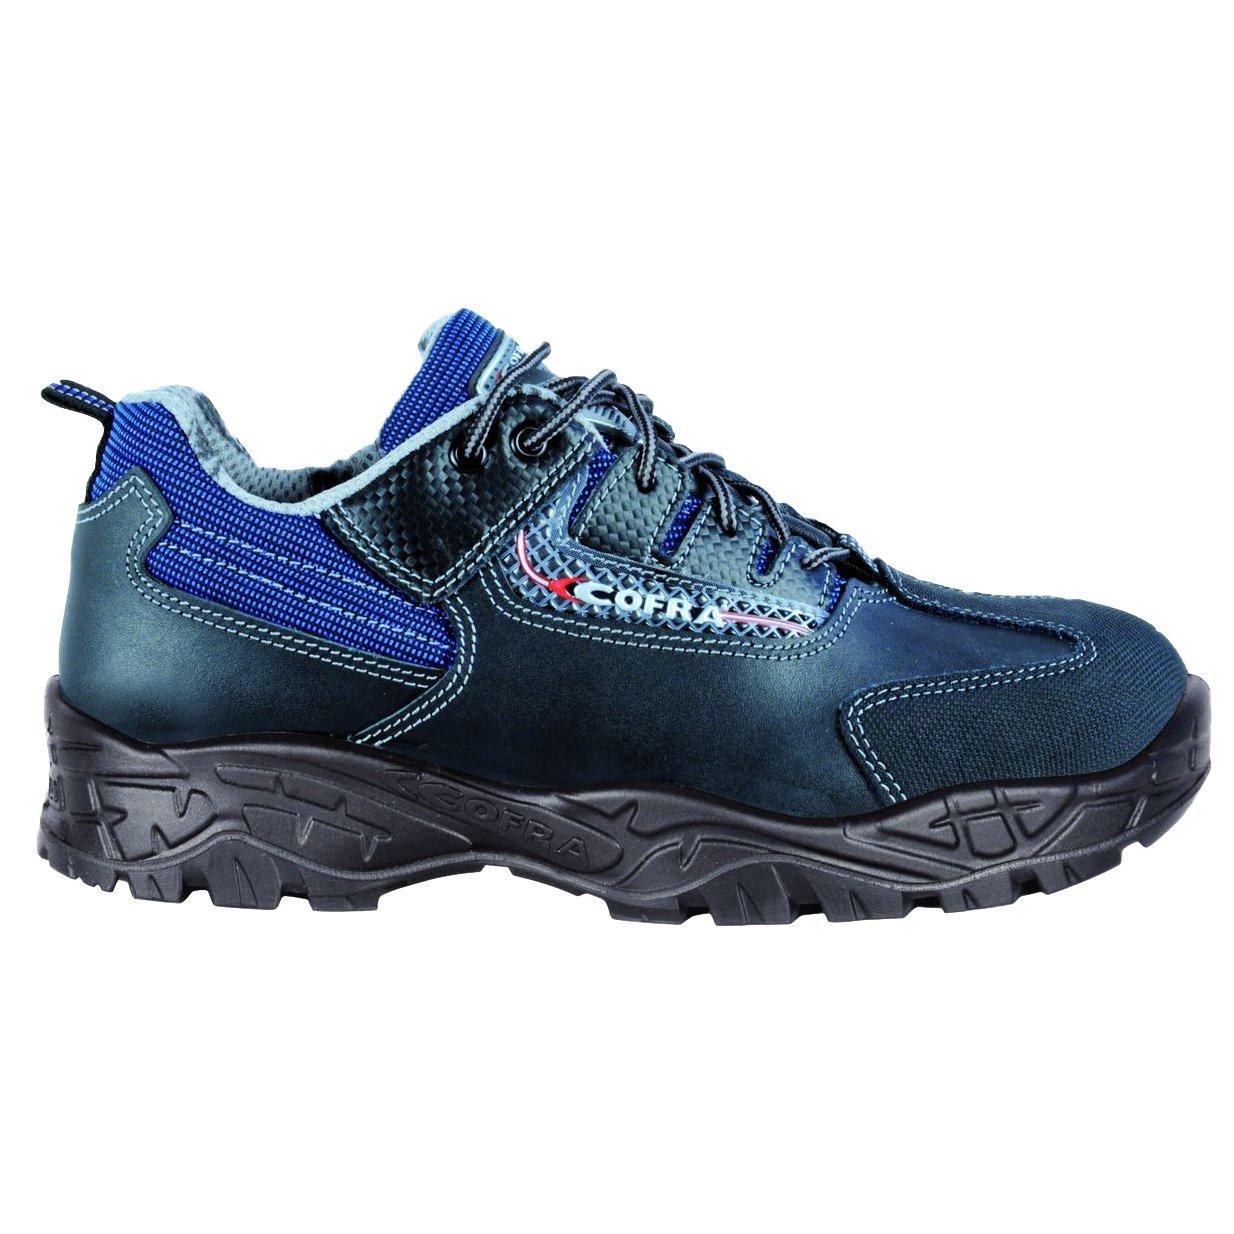 Cofra Gr. 22240 – – 000.w46 Gr. Cofra 46 S3 SRC Steigeisen Sicherheit Schuhe – Schwarz/Blau - ab2bc4